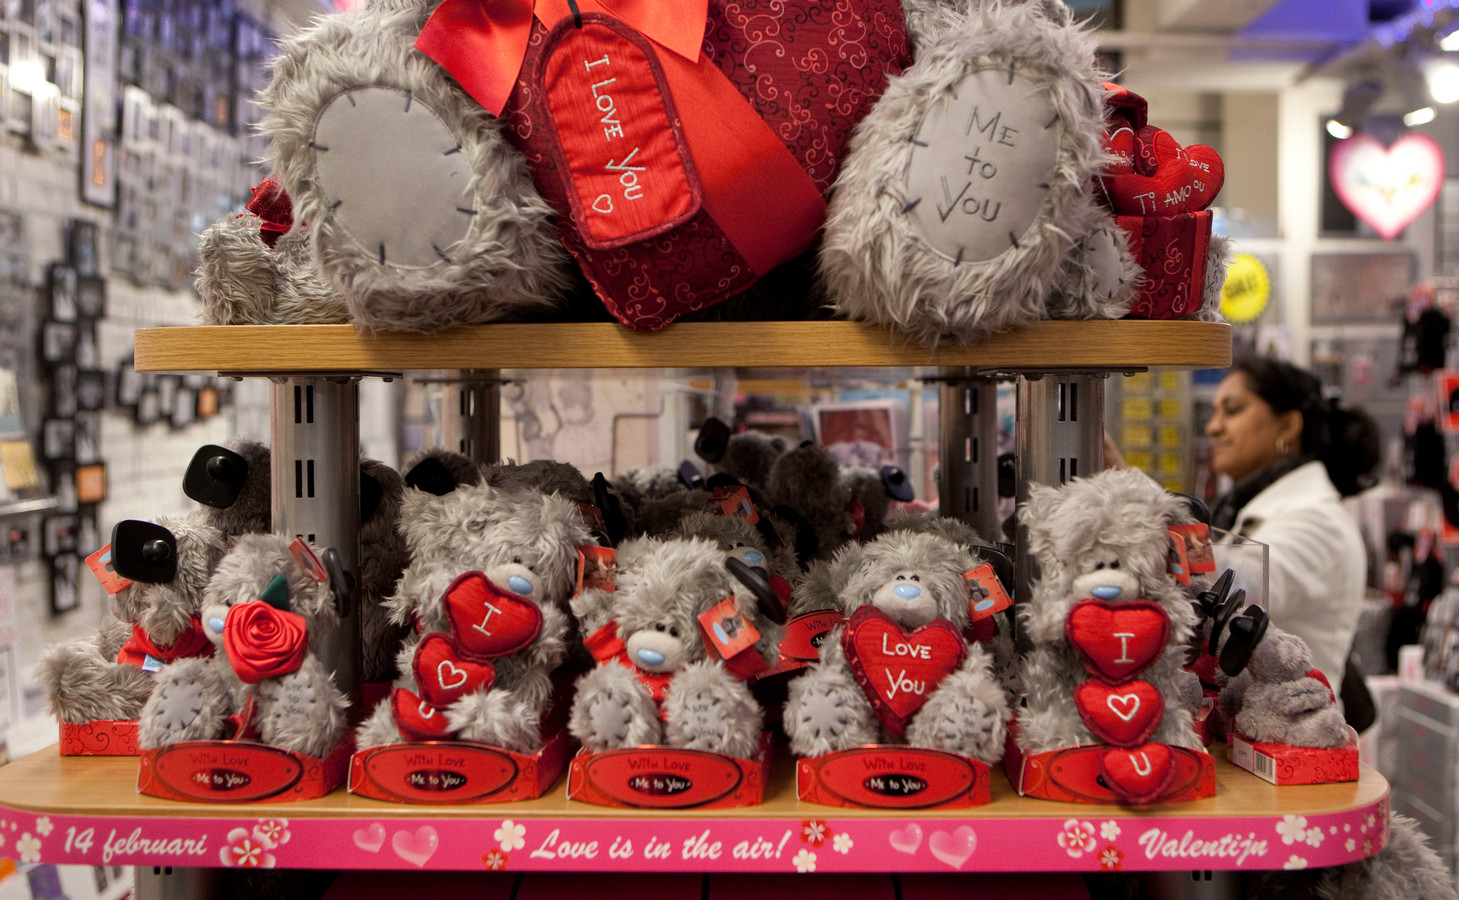 Knuffels met een liefdesboodschap zijn vooral rond Valentijnsdag populair.